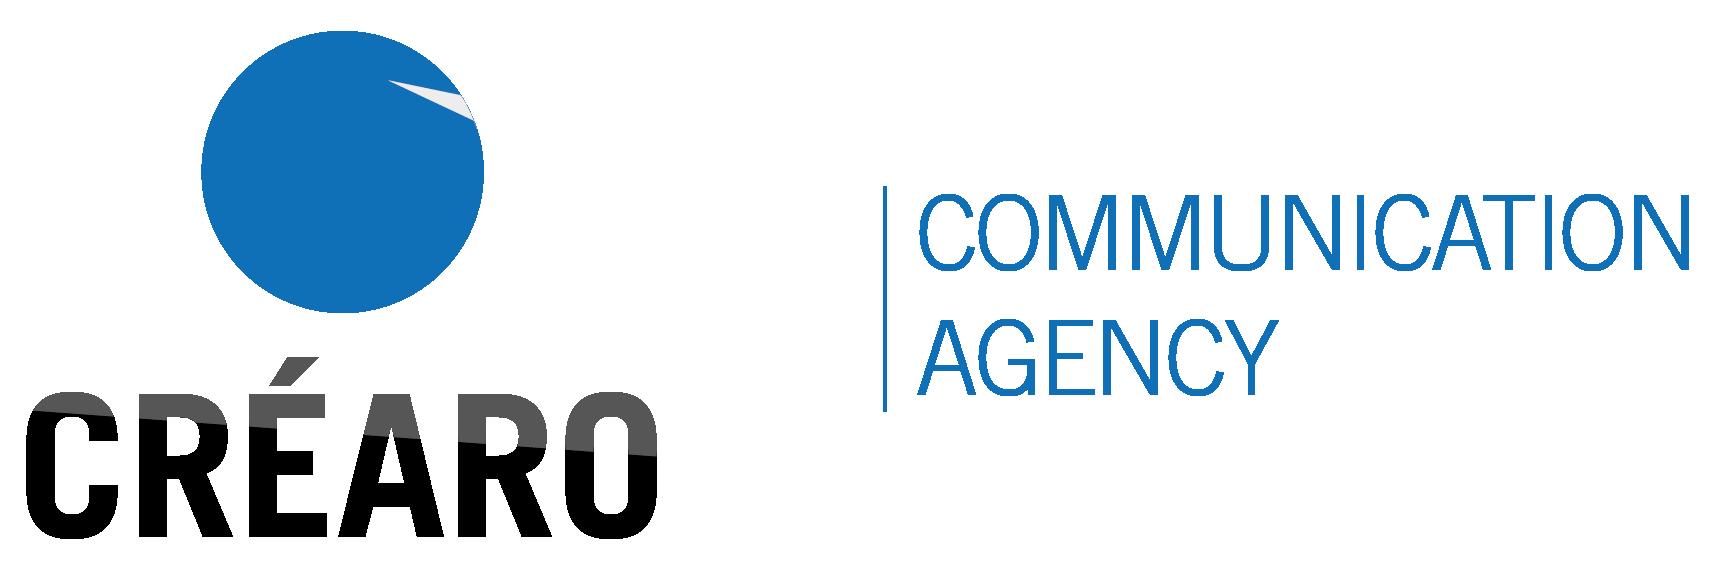 cr u00e9aro - agence de communication    cv